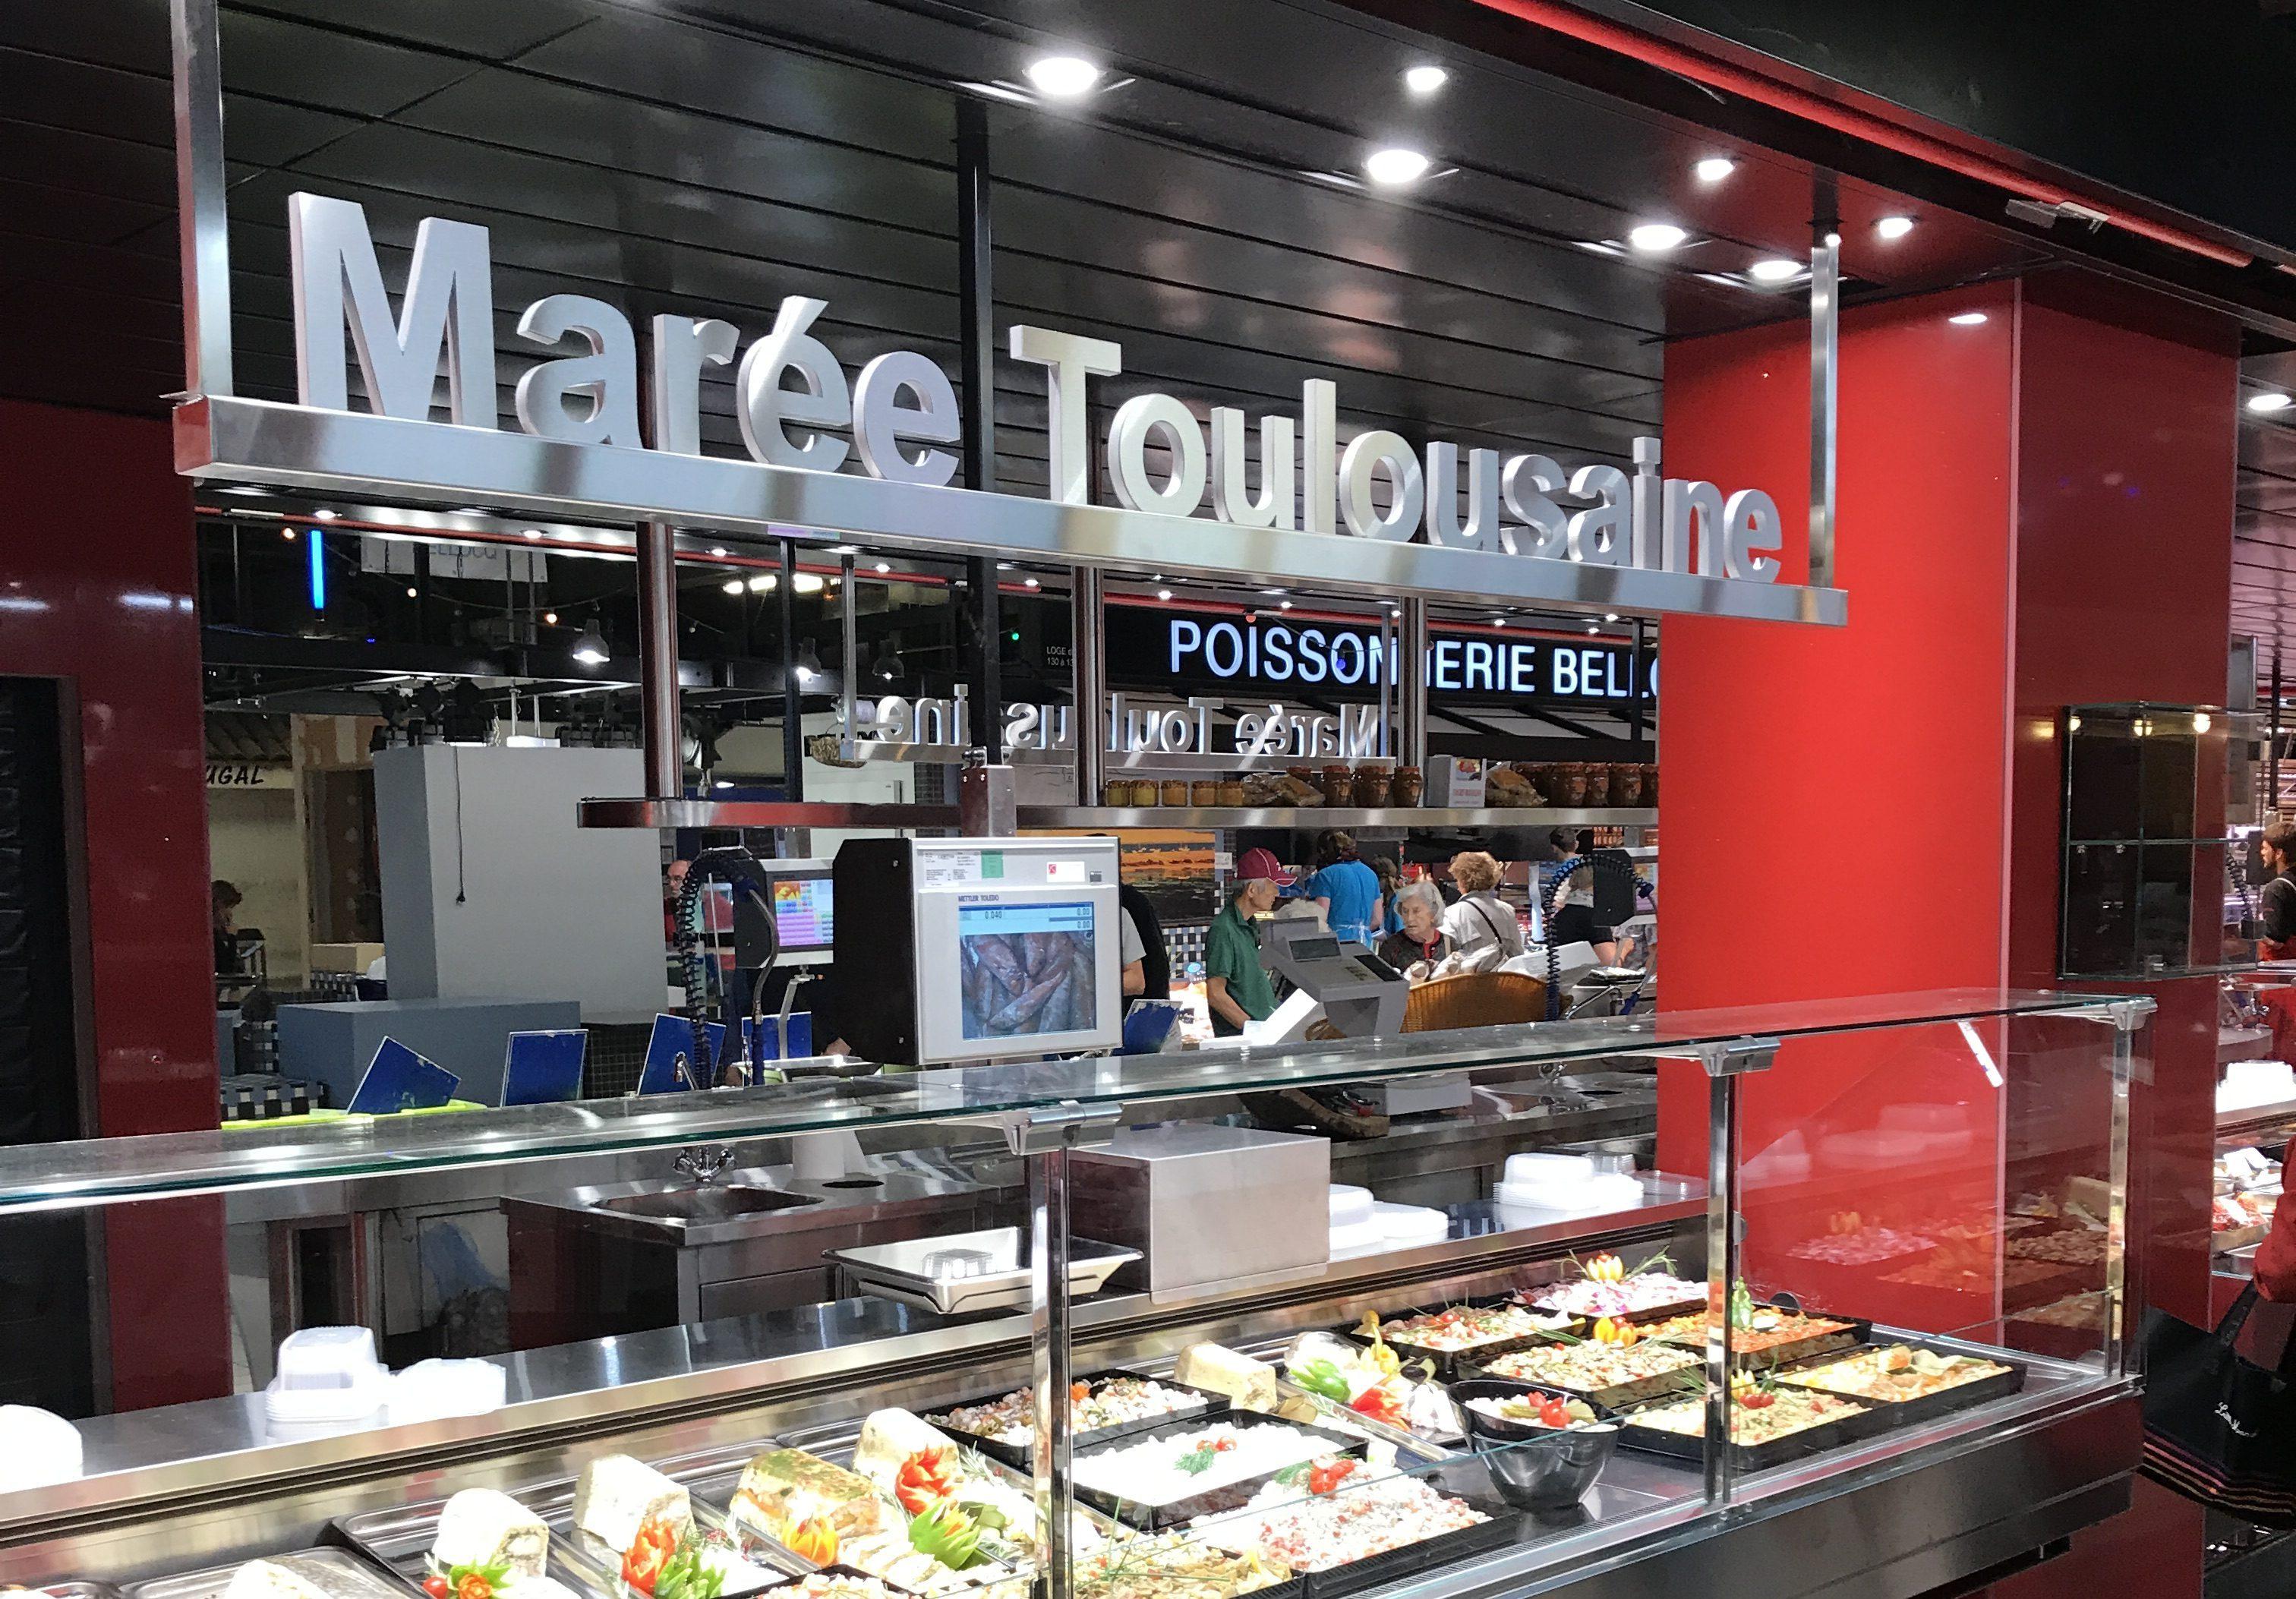 LA MAREE TOULOUSAINE - MARCHE VICTOR-HUGO TOULOUSE